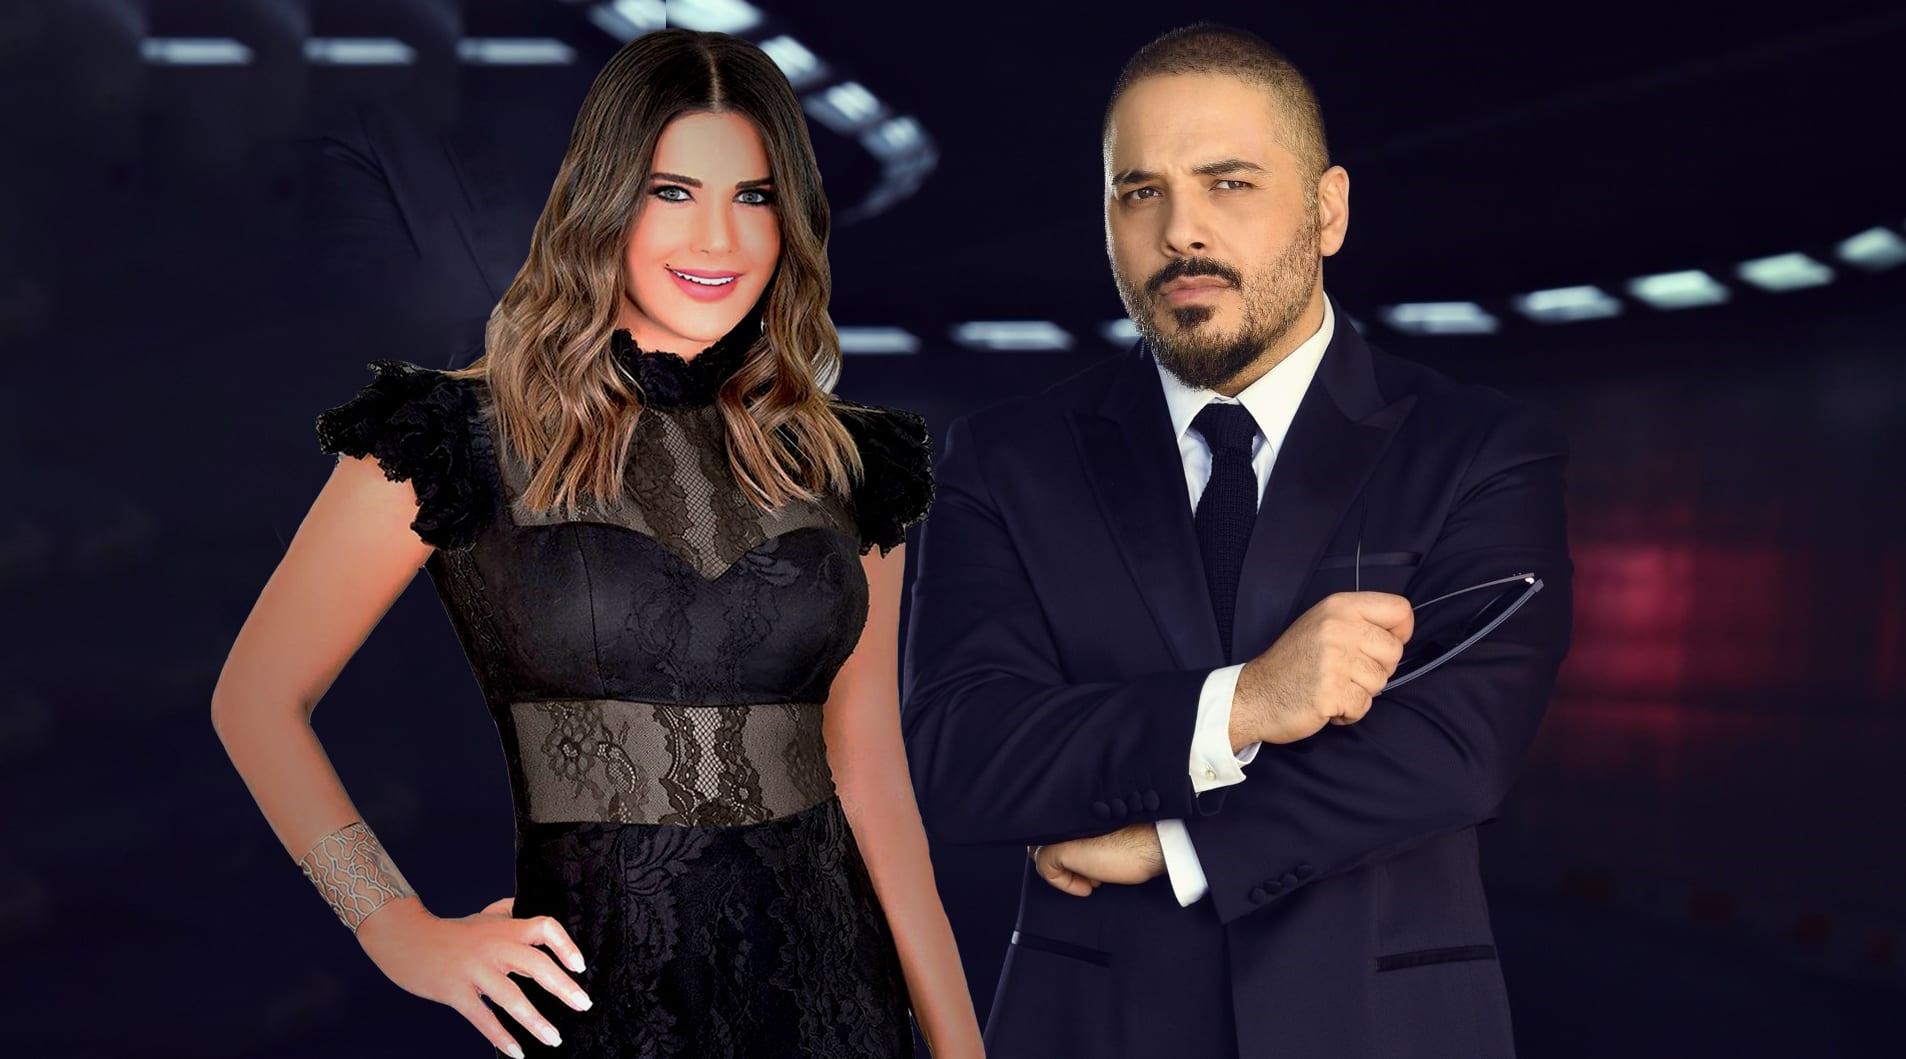 المغني رامي عياش والإعلامية منى أبو حمزة يرفضان عرضاً وزارياً من الحكومة اللبنانية